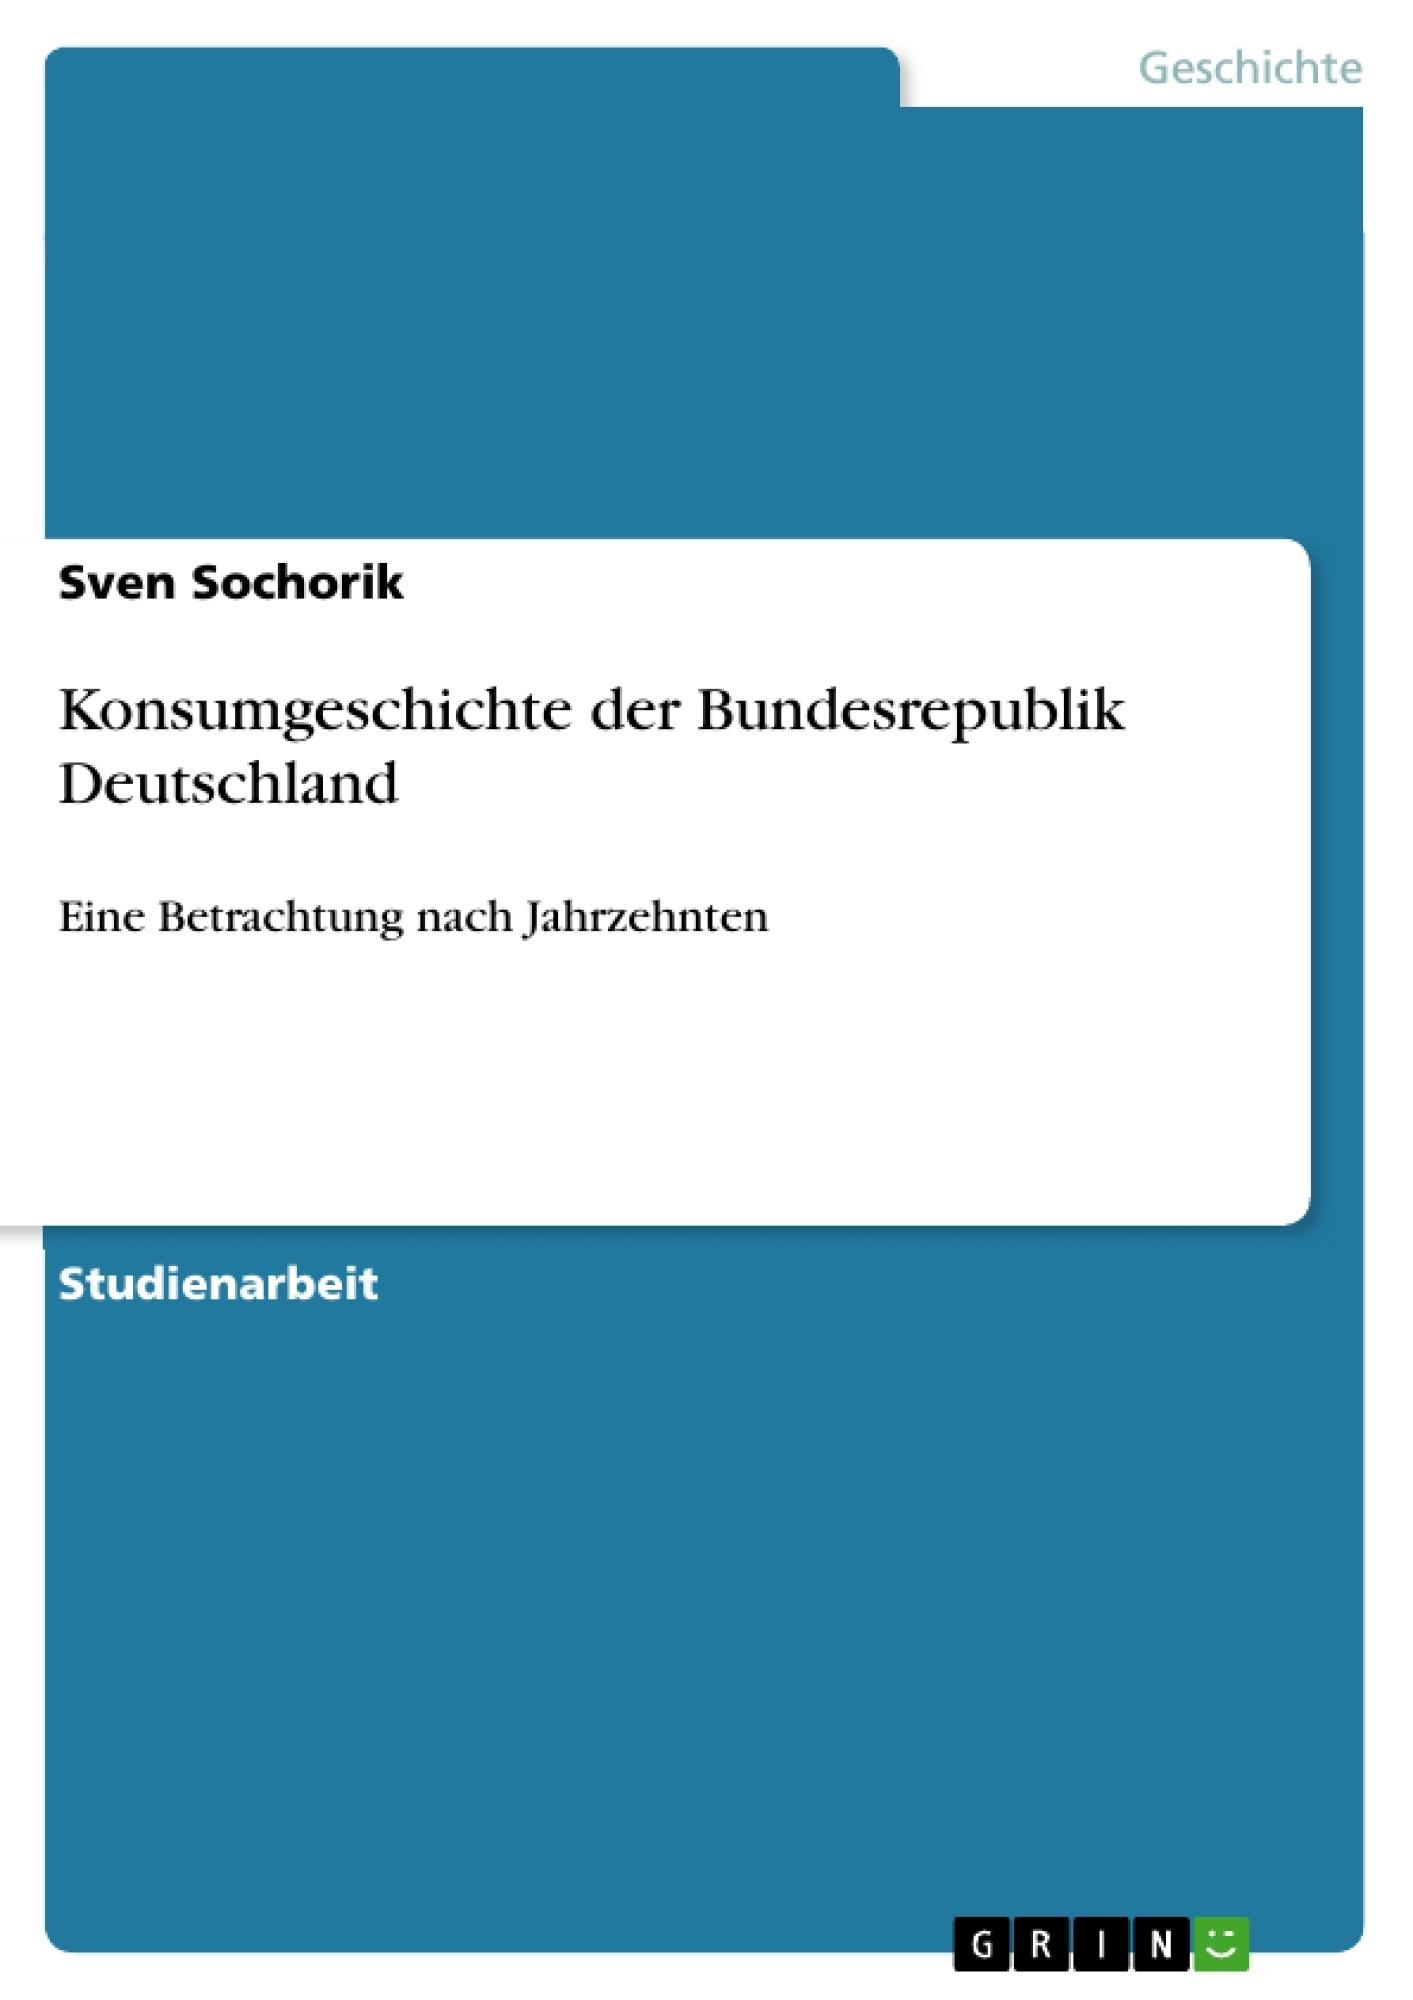 Titel: Konsumgeschichte der Bundesrepublik Deutschland